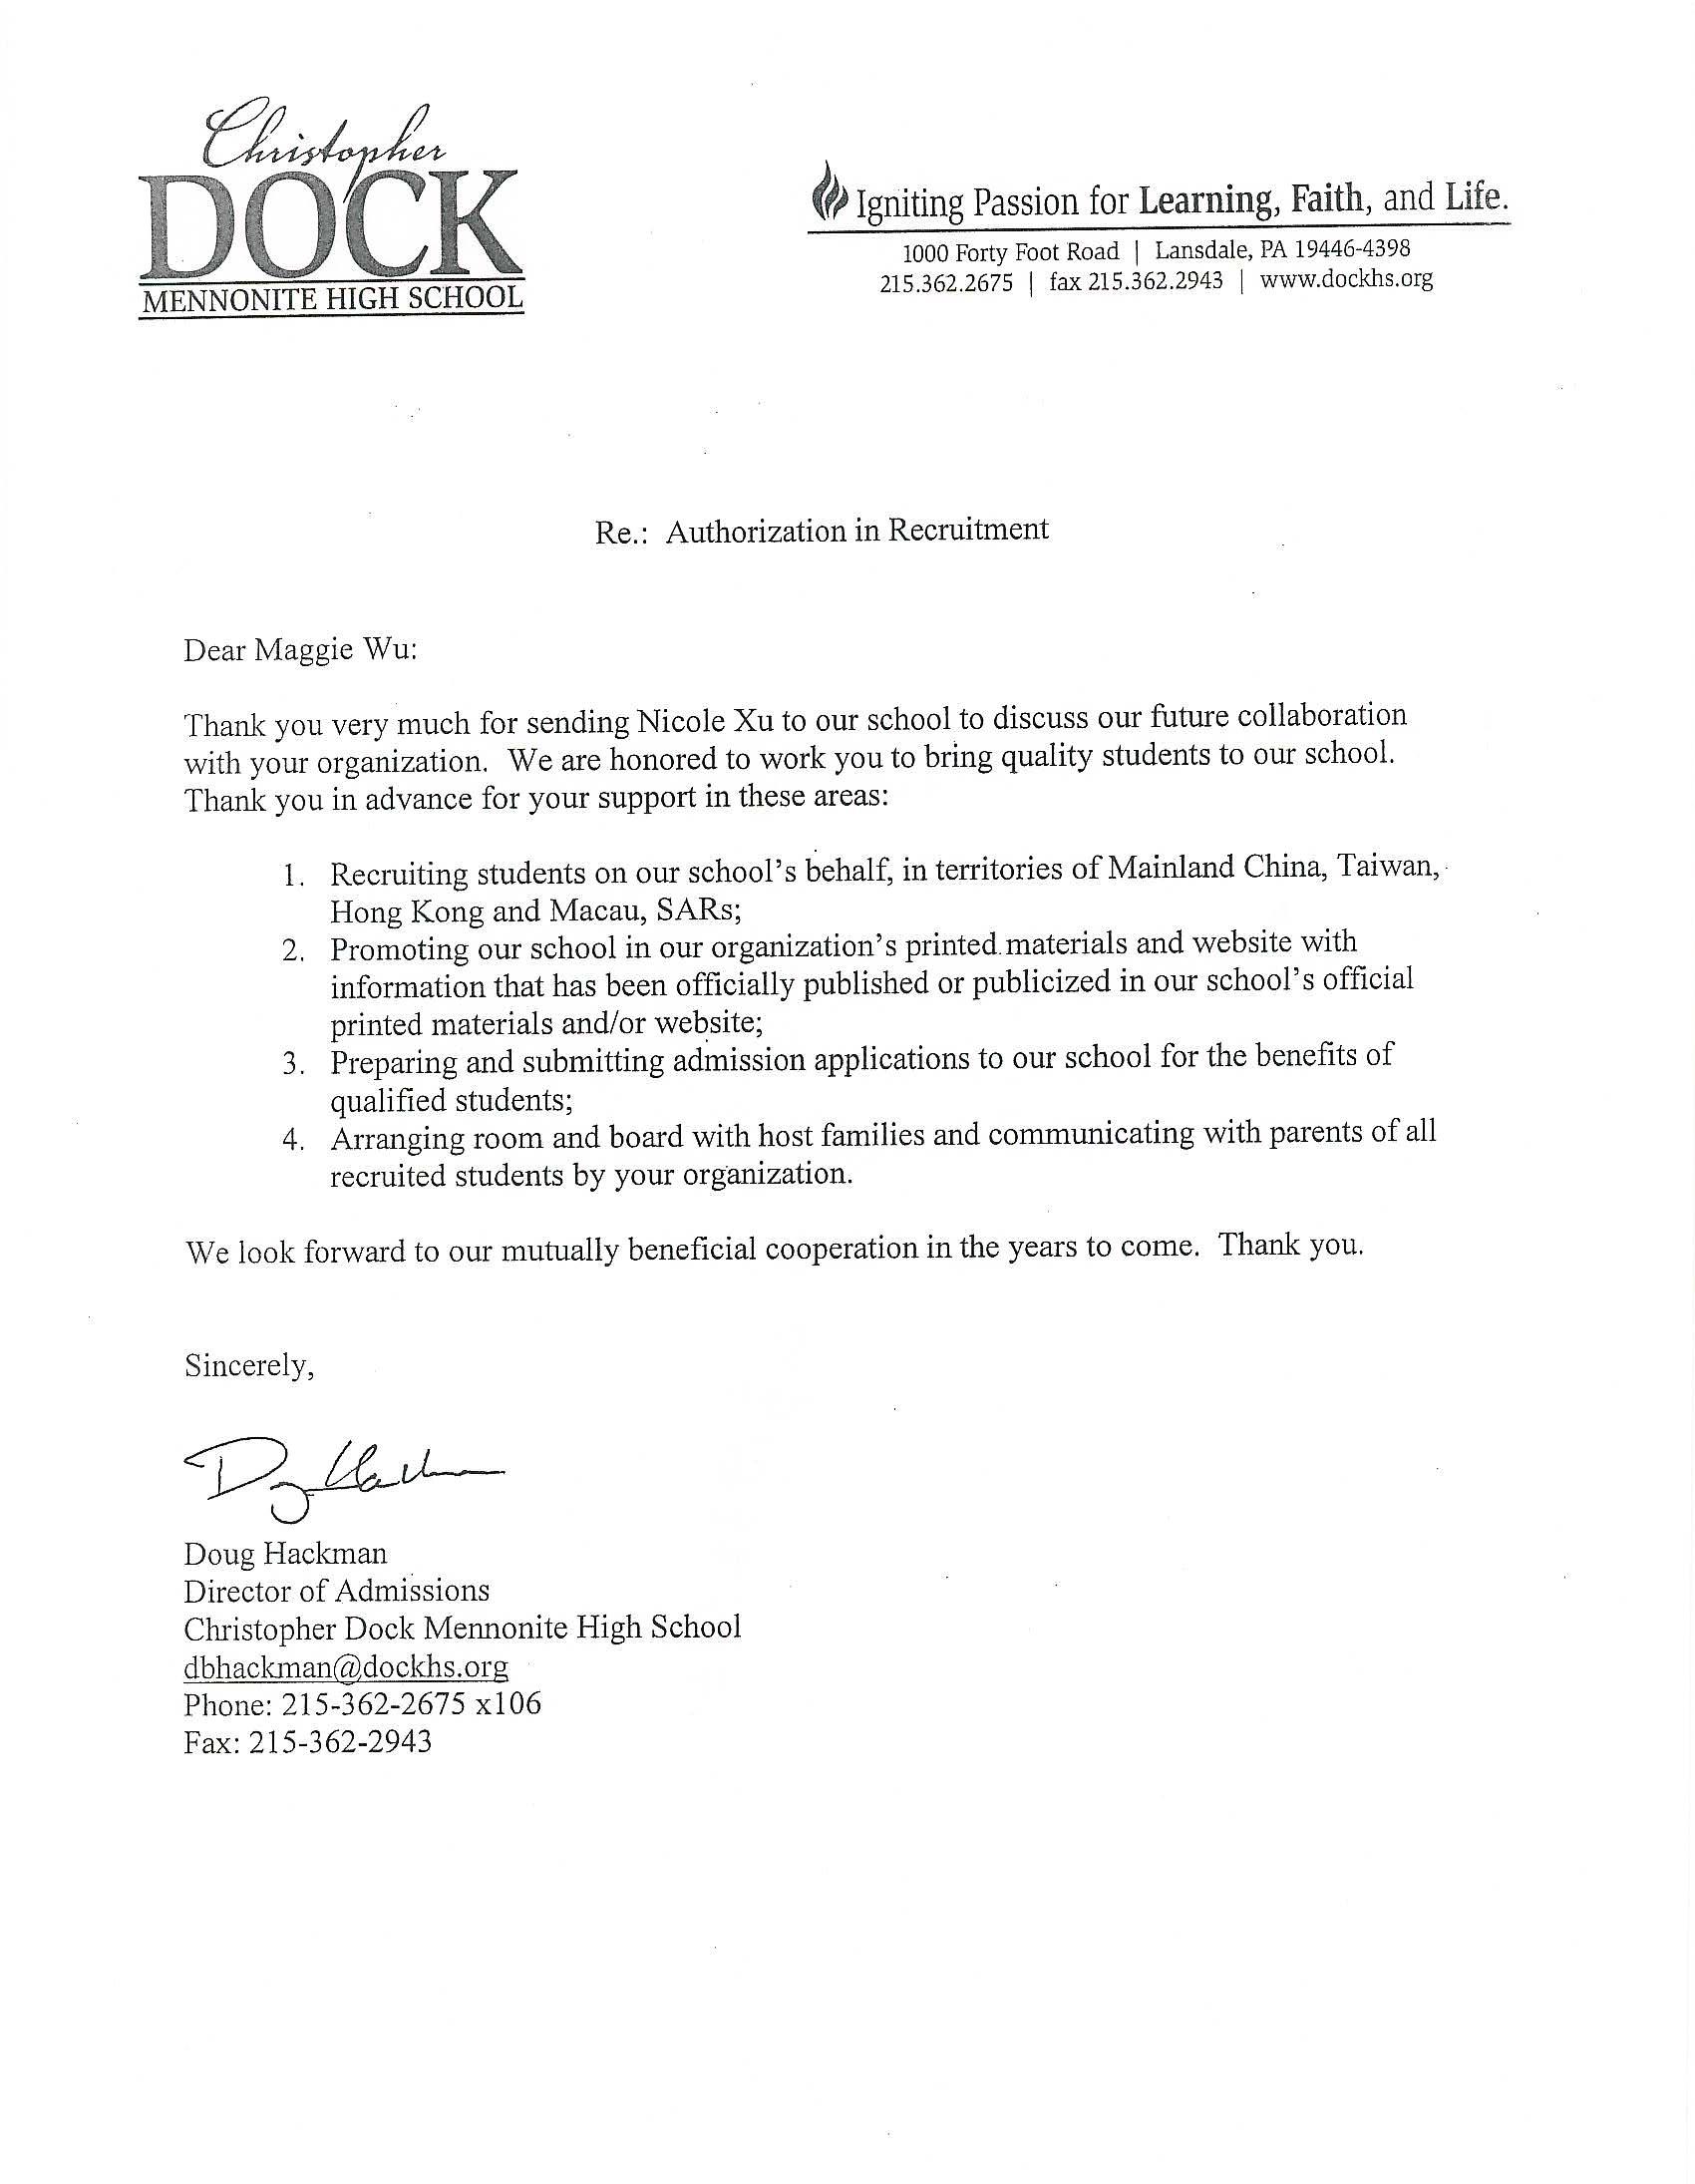 Christopher Dock Mennonite High School